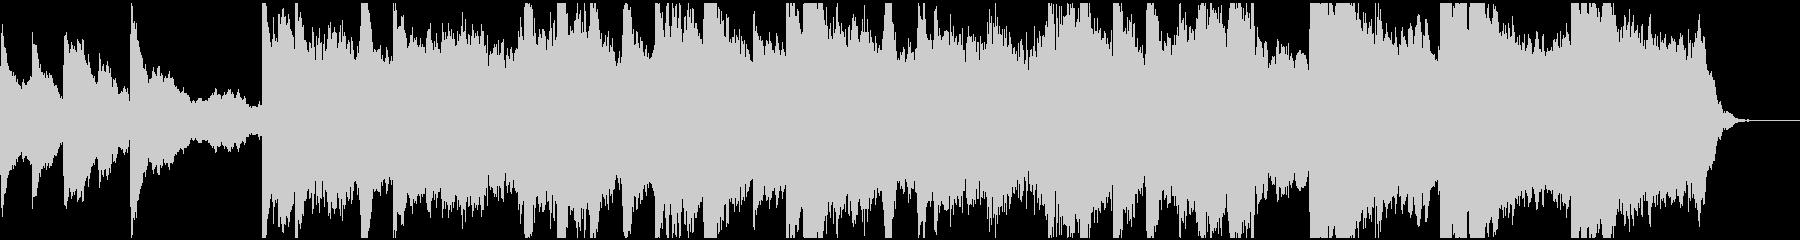 現代の交響曲 アンビエントミュージ...の未再生の波形